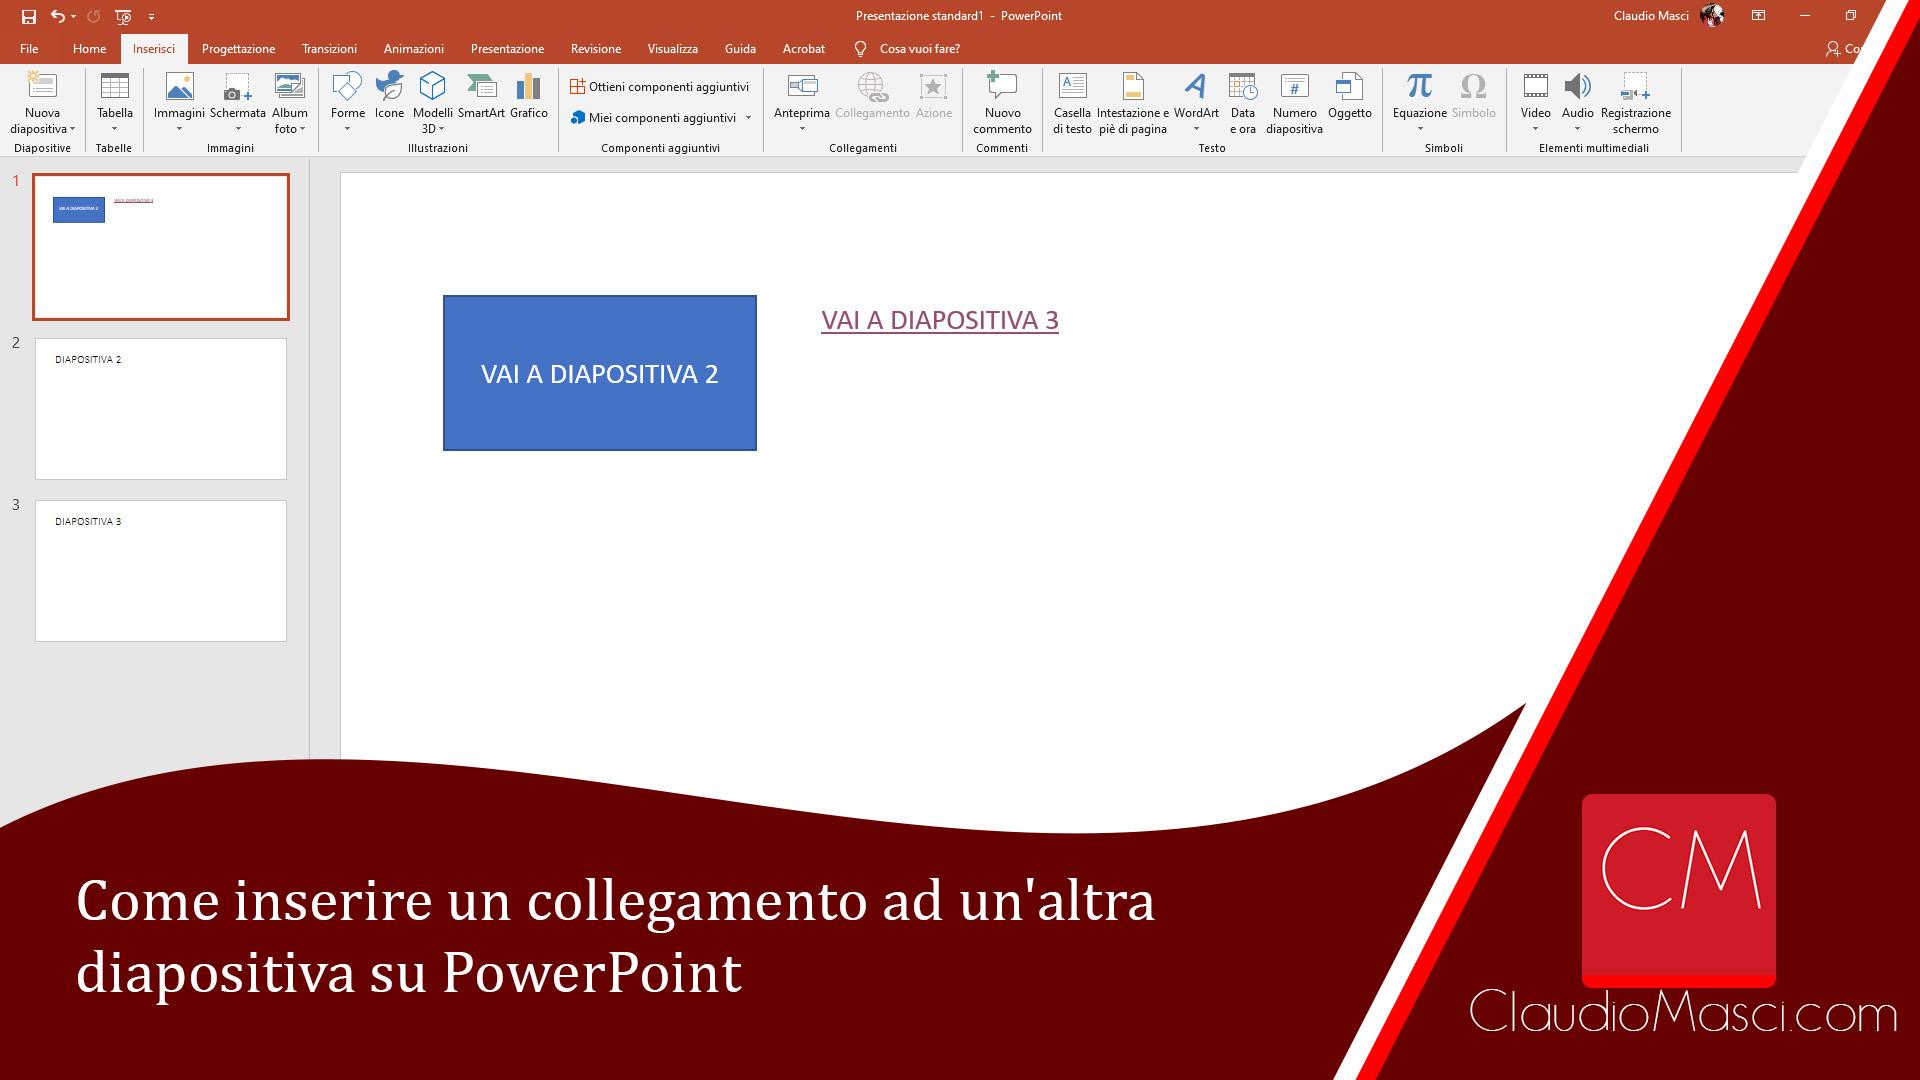 Come inserire un collegamento ad un'altra diapositiva su PowerPoint